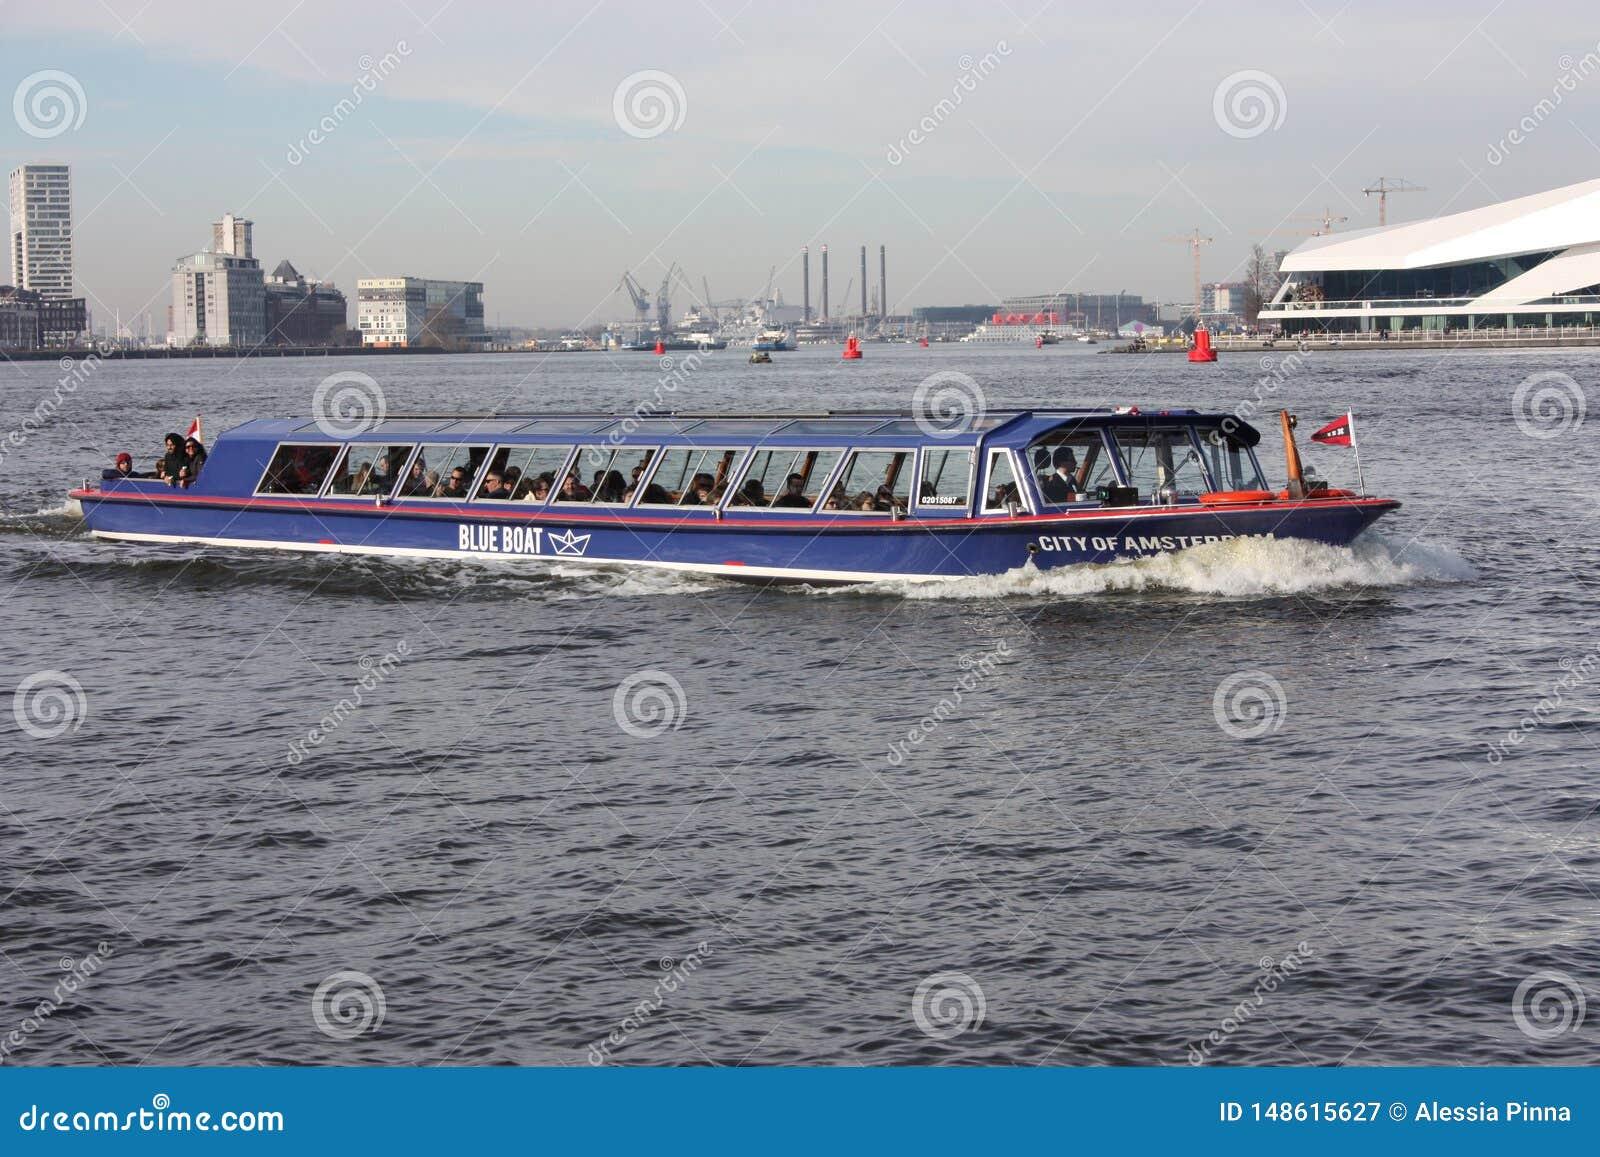 El canal o el r?o delante de la estaci?n central de Amsterdam, usada como transporte p?blico para los viajeros y los turistas